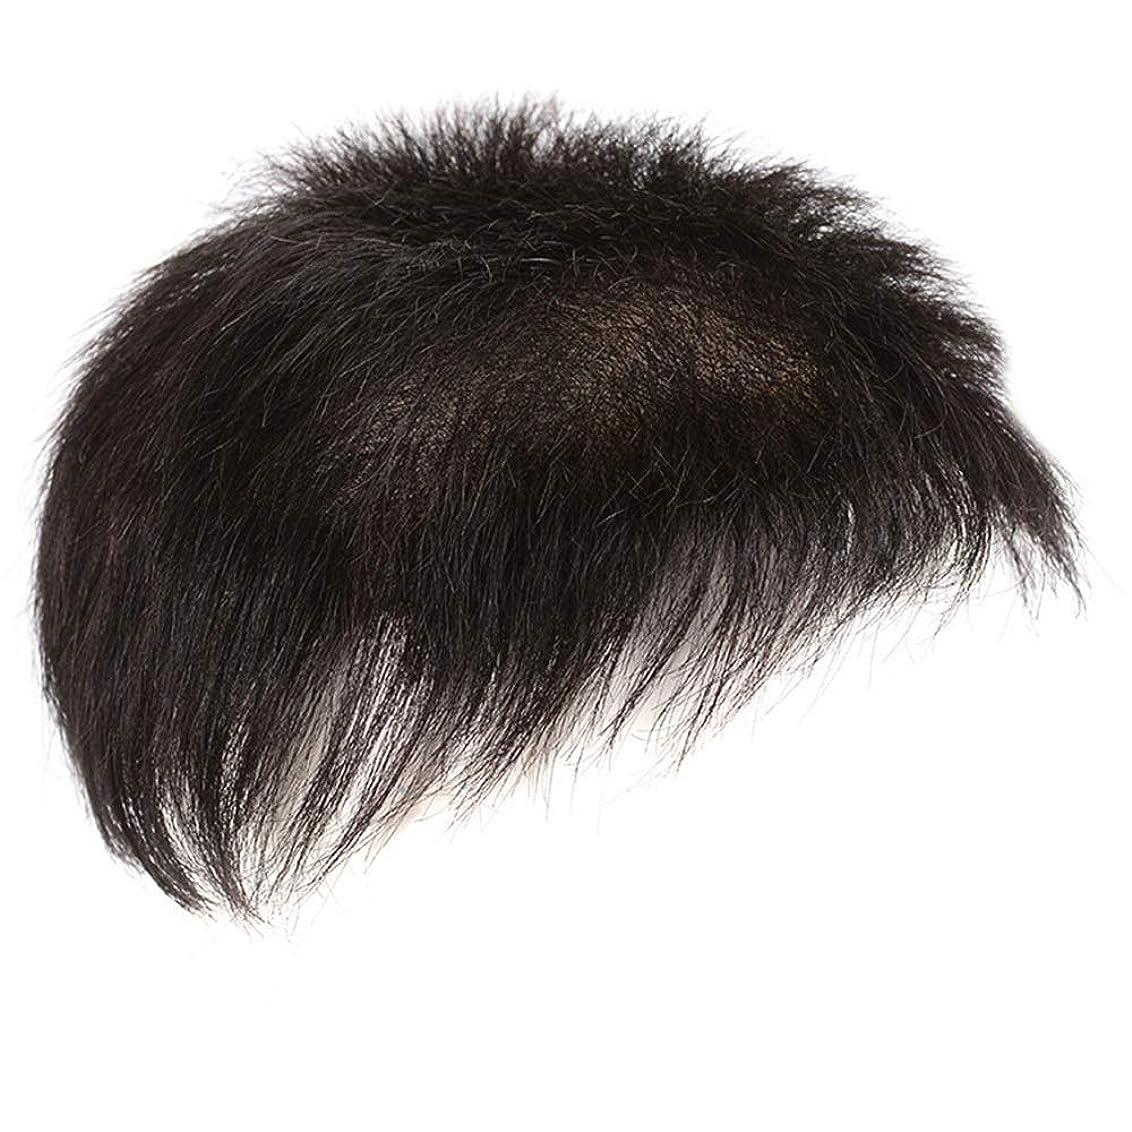 パケット美徳変更可能YESONEEP 男のための本物の毛髪のかつらのフルハンド織ヘアクリップ脱毛かつらパーティーかつら (色 : B, サイズ : [18X20])